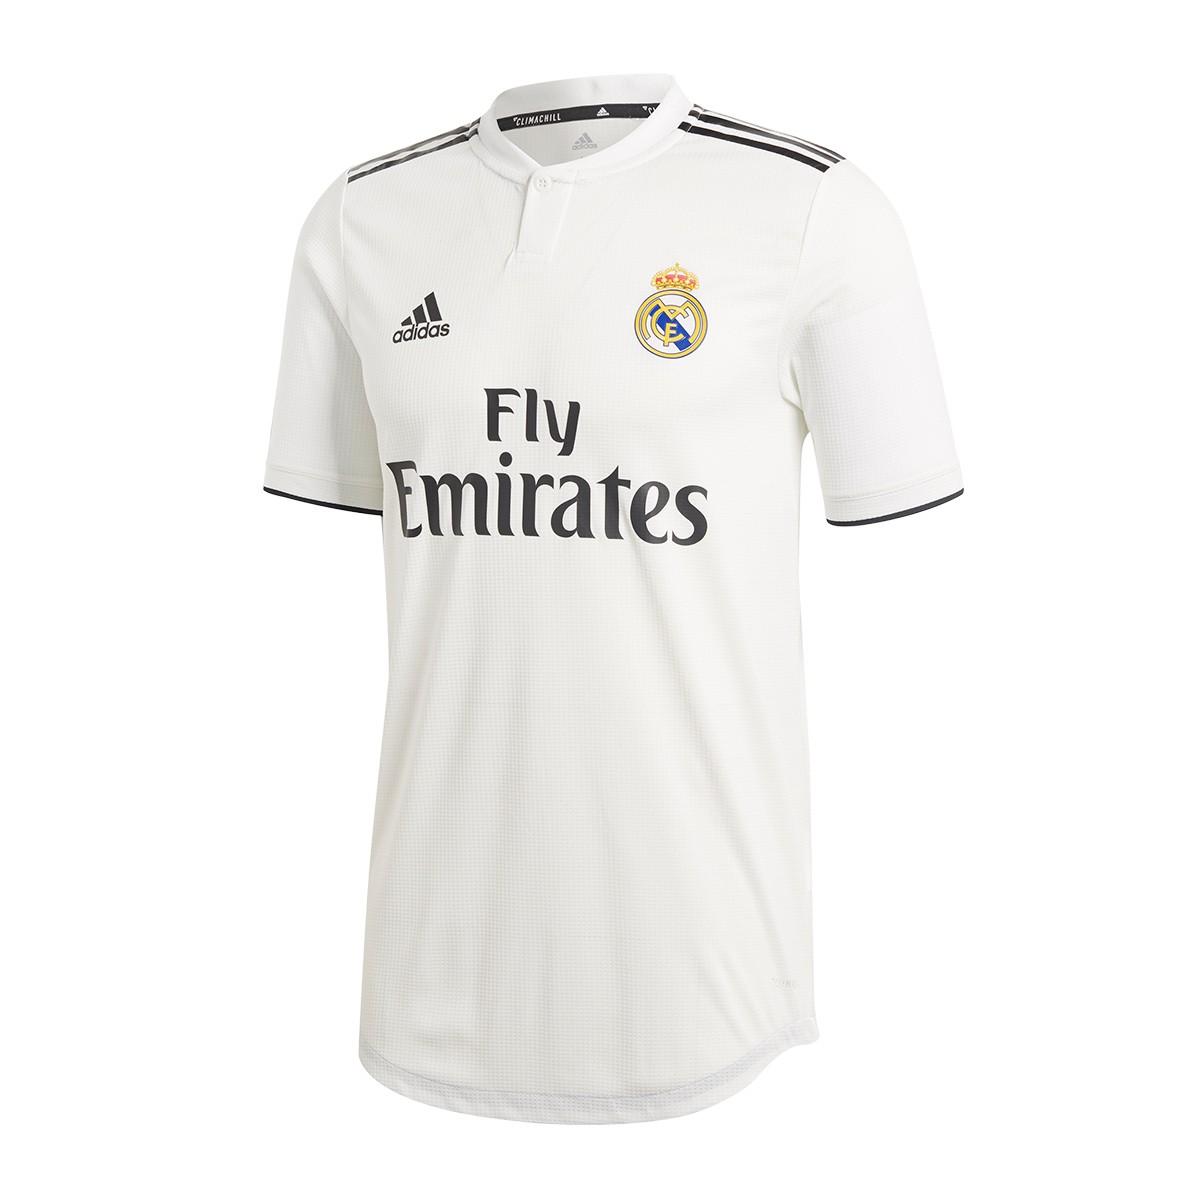 87a2157c799d3 Camiseta adidas Real Madrid Primera Equipación Authentic 2018-2019  White-black - Tienda de fútbol Fútbol Emotion